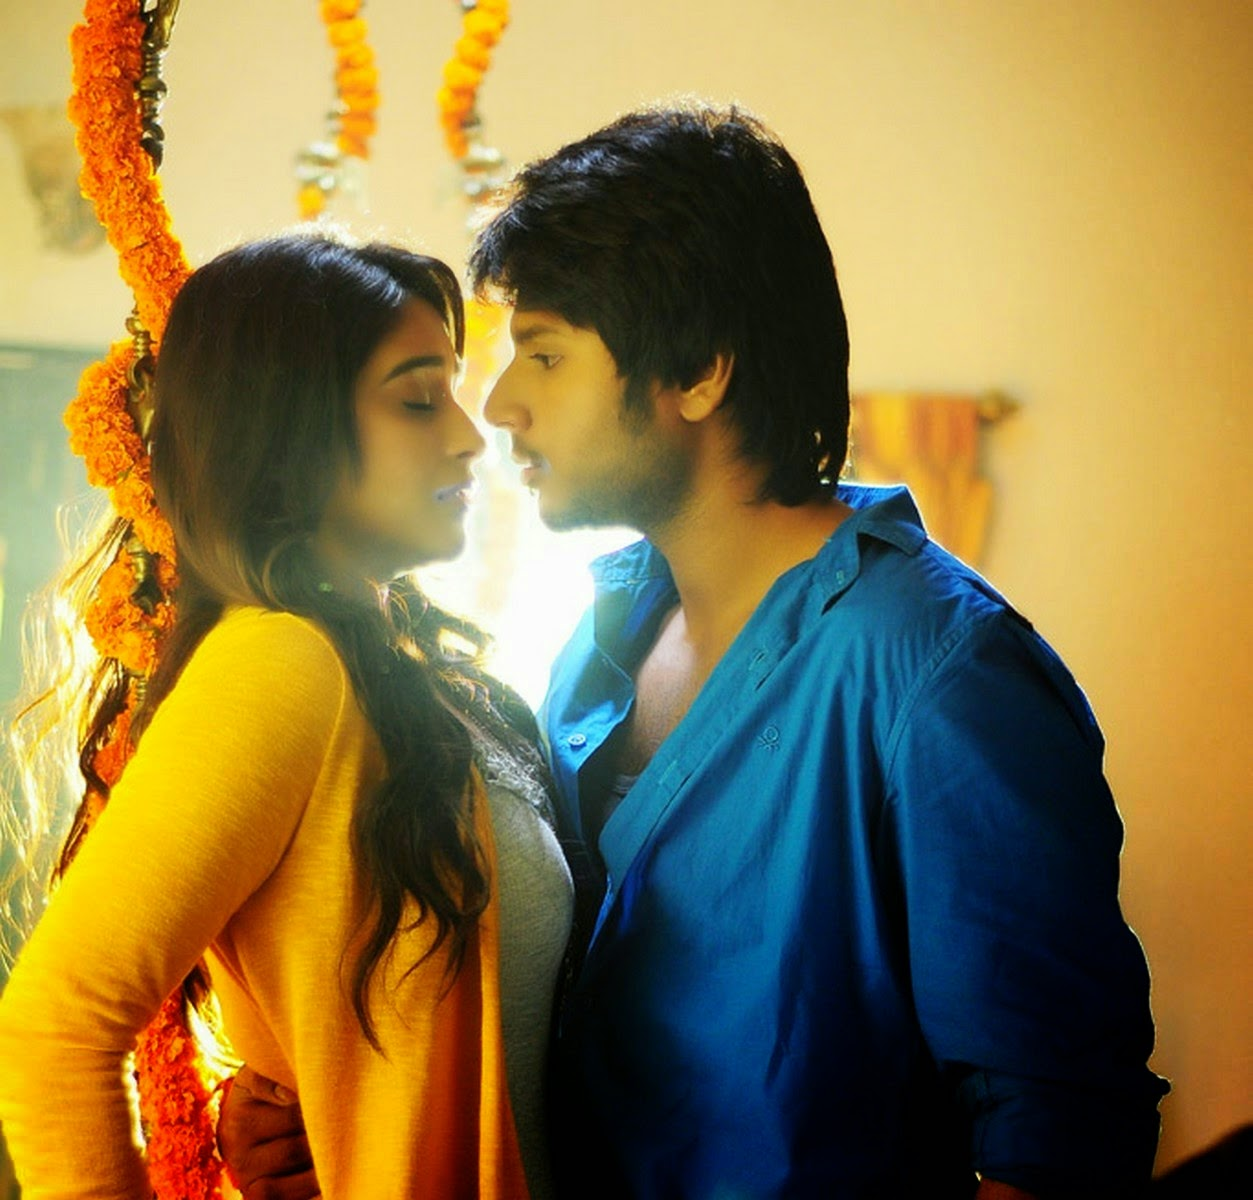 Ra Ra Krishnayya Telugu movie images - Tolly Cinemaa Gallery